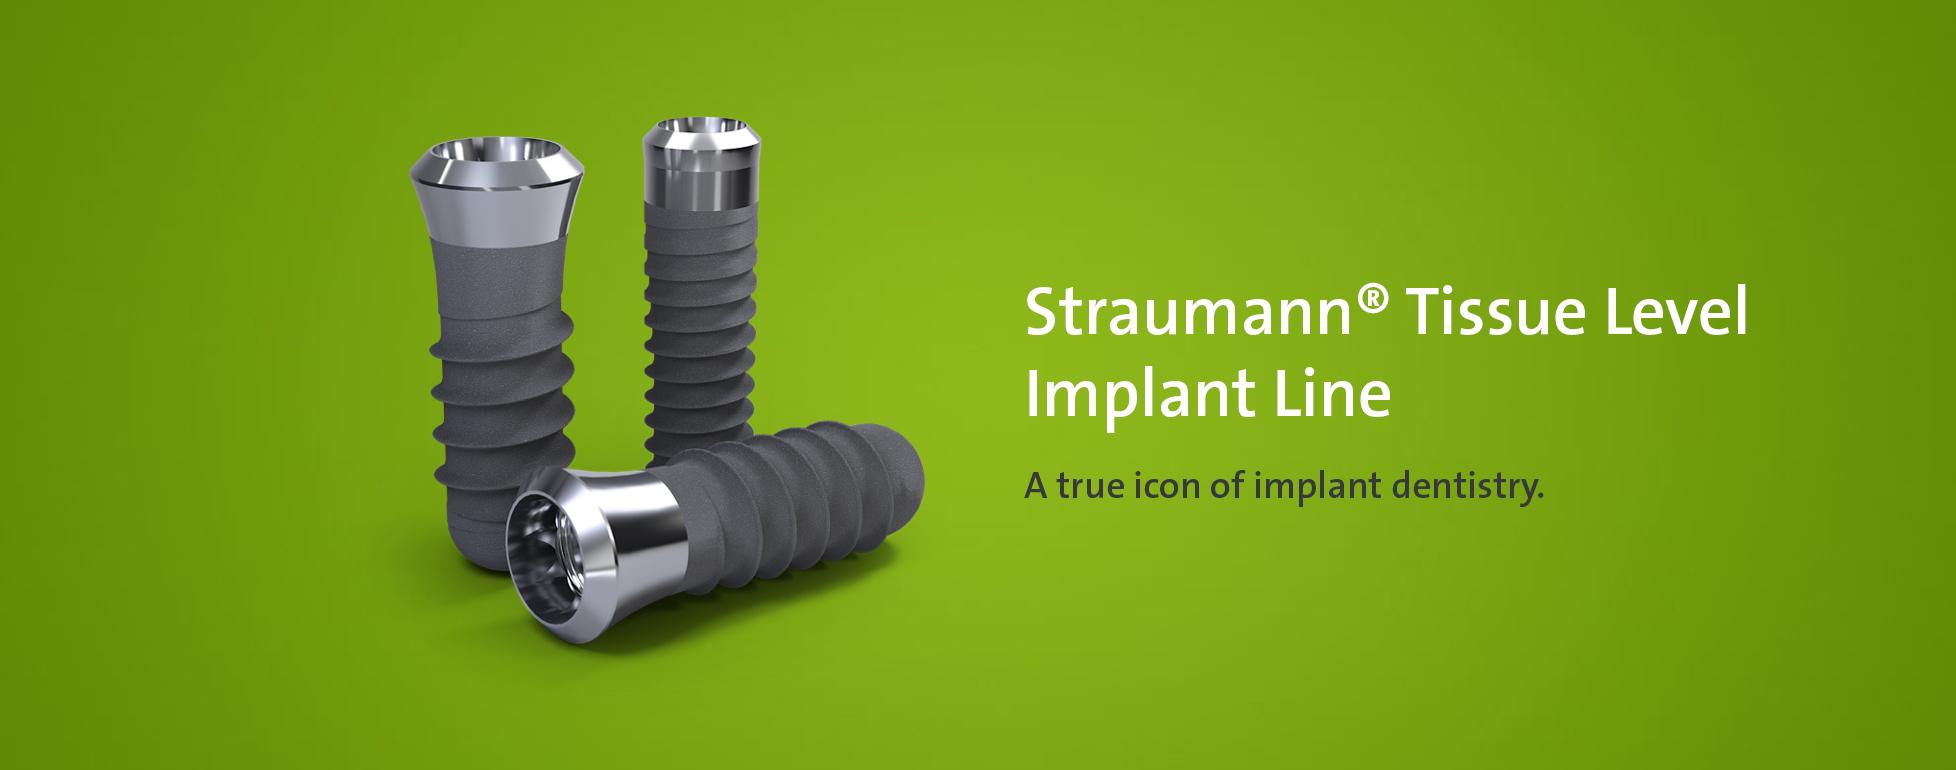 Straumann Tissue Level Implant Line